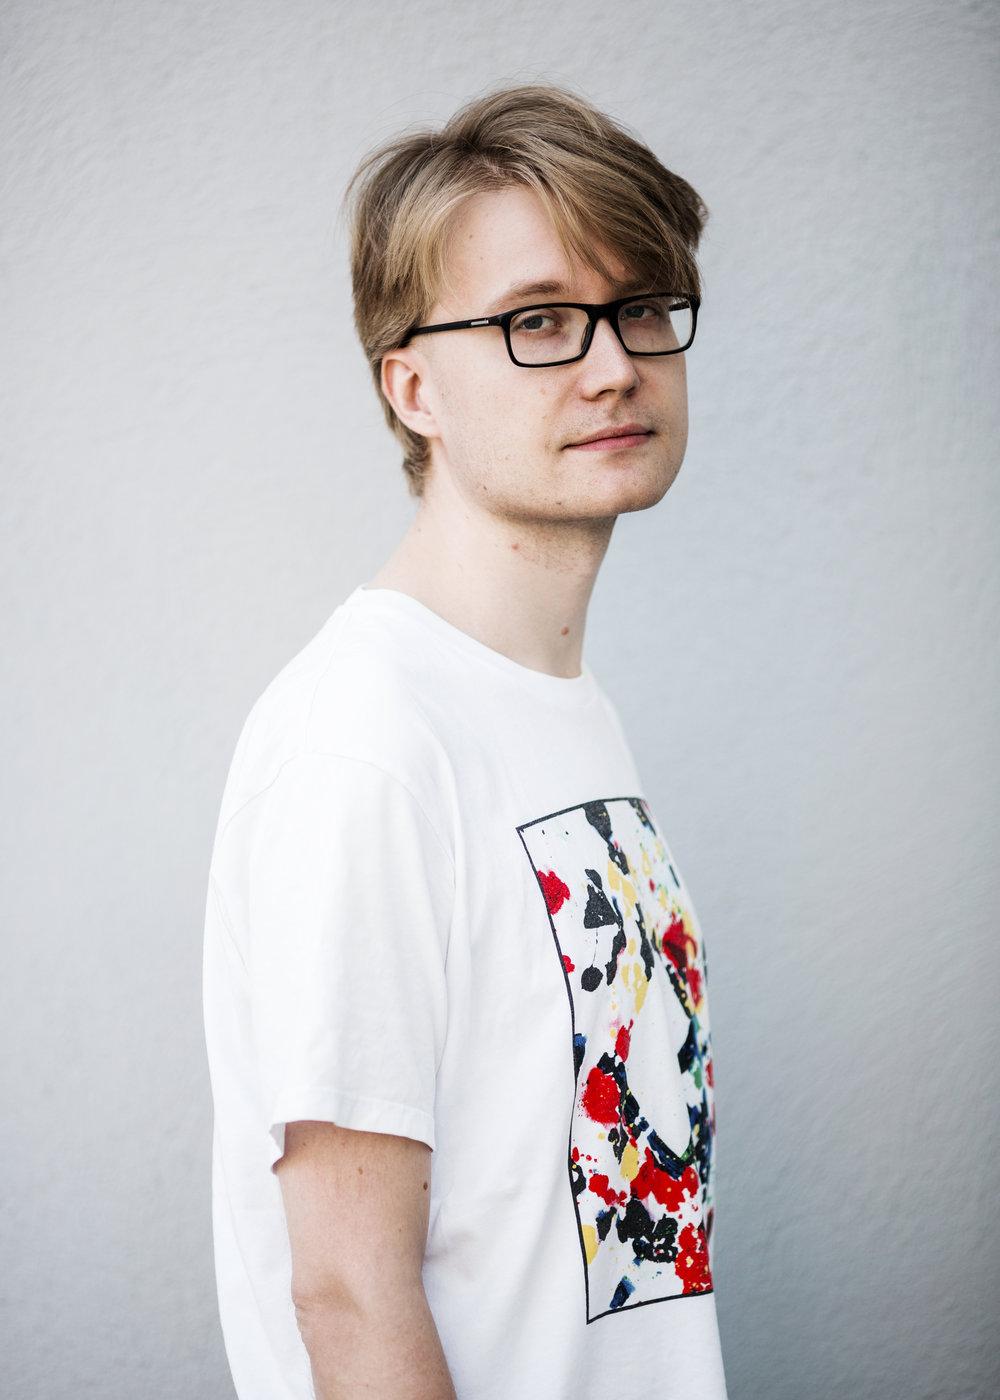 Pontus Purokuru  on tietokirjailija ja johtava nuori pop-filosofi. Hän ylläpitää mm. Toimittaja testaa -blogia, Mikä meitä vaivaa -podcastia ja ollut mukana kirjoittamassa kirjoja median vallankäytöstä, aktivismin historiasta ja vuoden -68 tapahtumista.  Täysin automatisoitu avaruushomoluksuskommunismi  on hänen ensimmäinen kokonaan oma teoksensa. Kuva: Meri Björn.   Arvostelukappaleet ja haastattelut  >  heini.salminen@kosmoskirjat.fi    Pressikuvat  >  Kansi   I   Kuva 1   I   Kuva 2